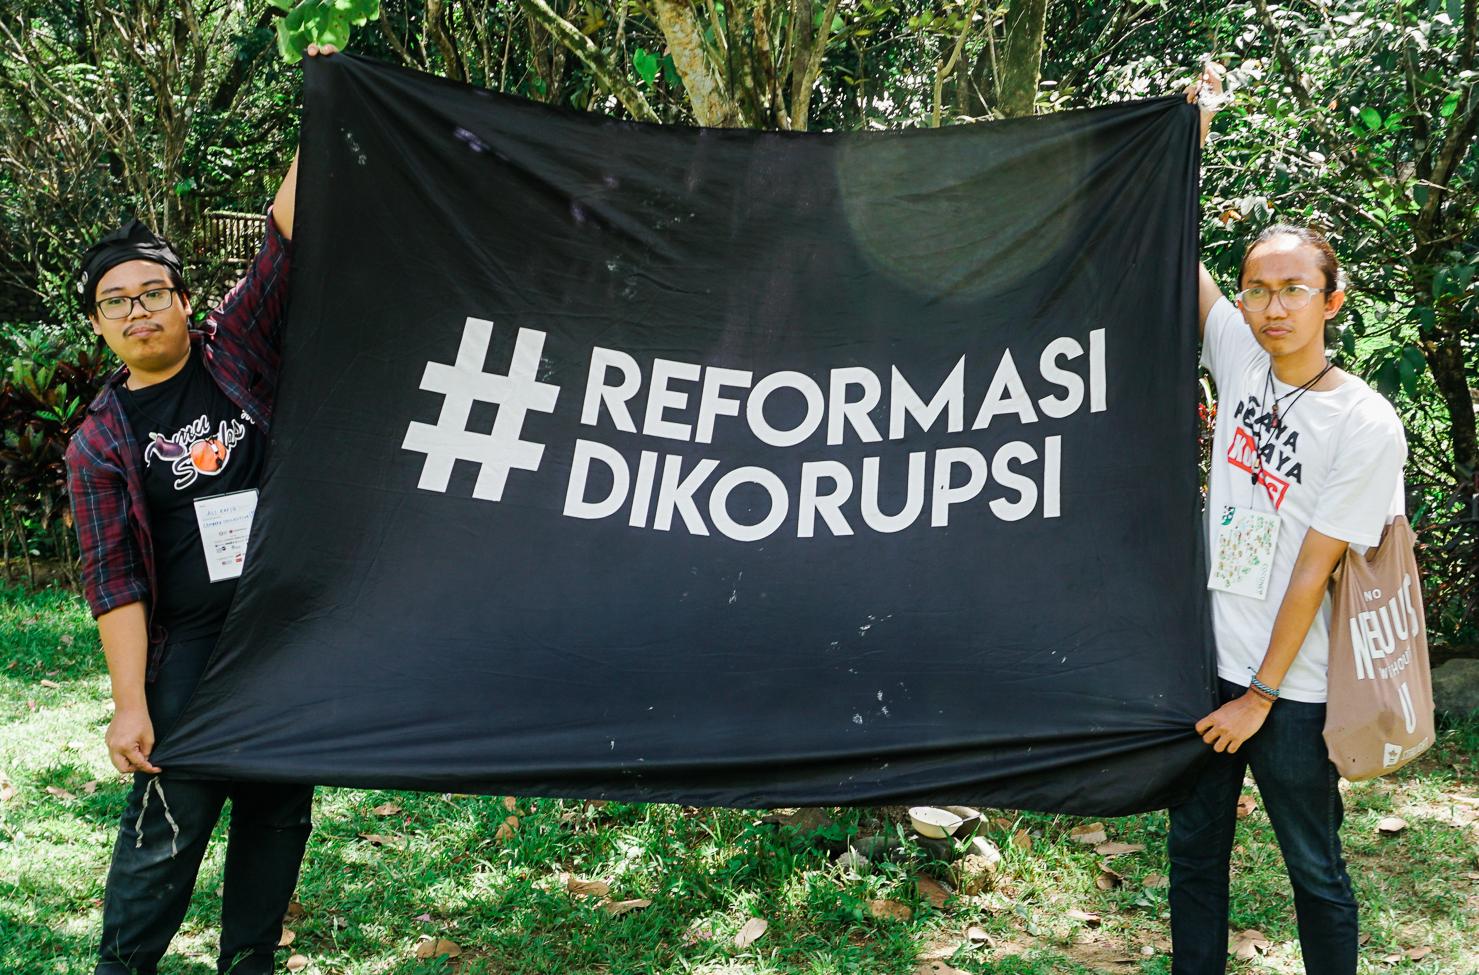 #Reformasi #Dikorupsi